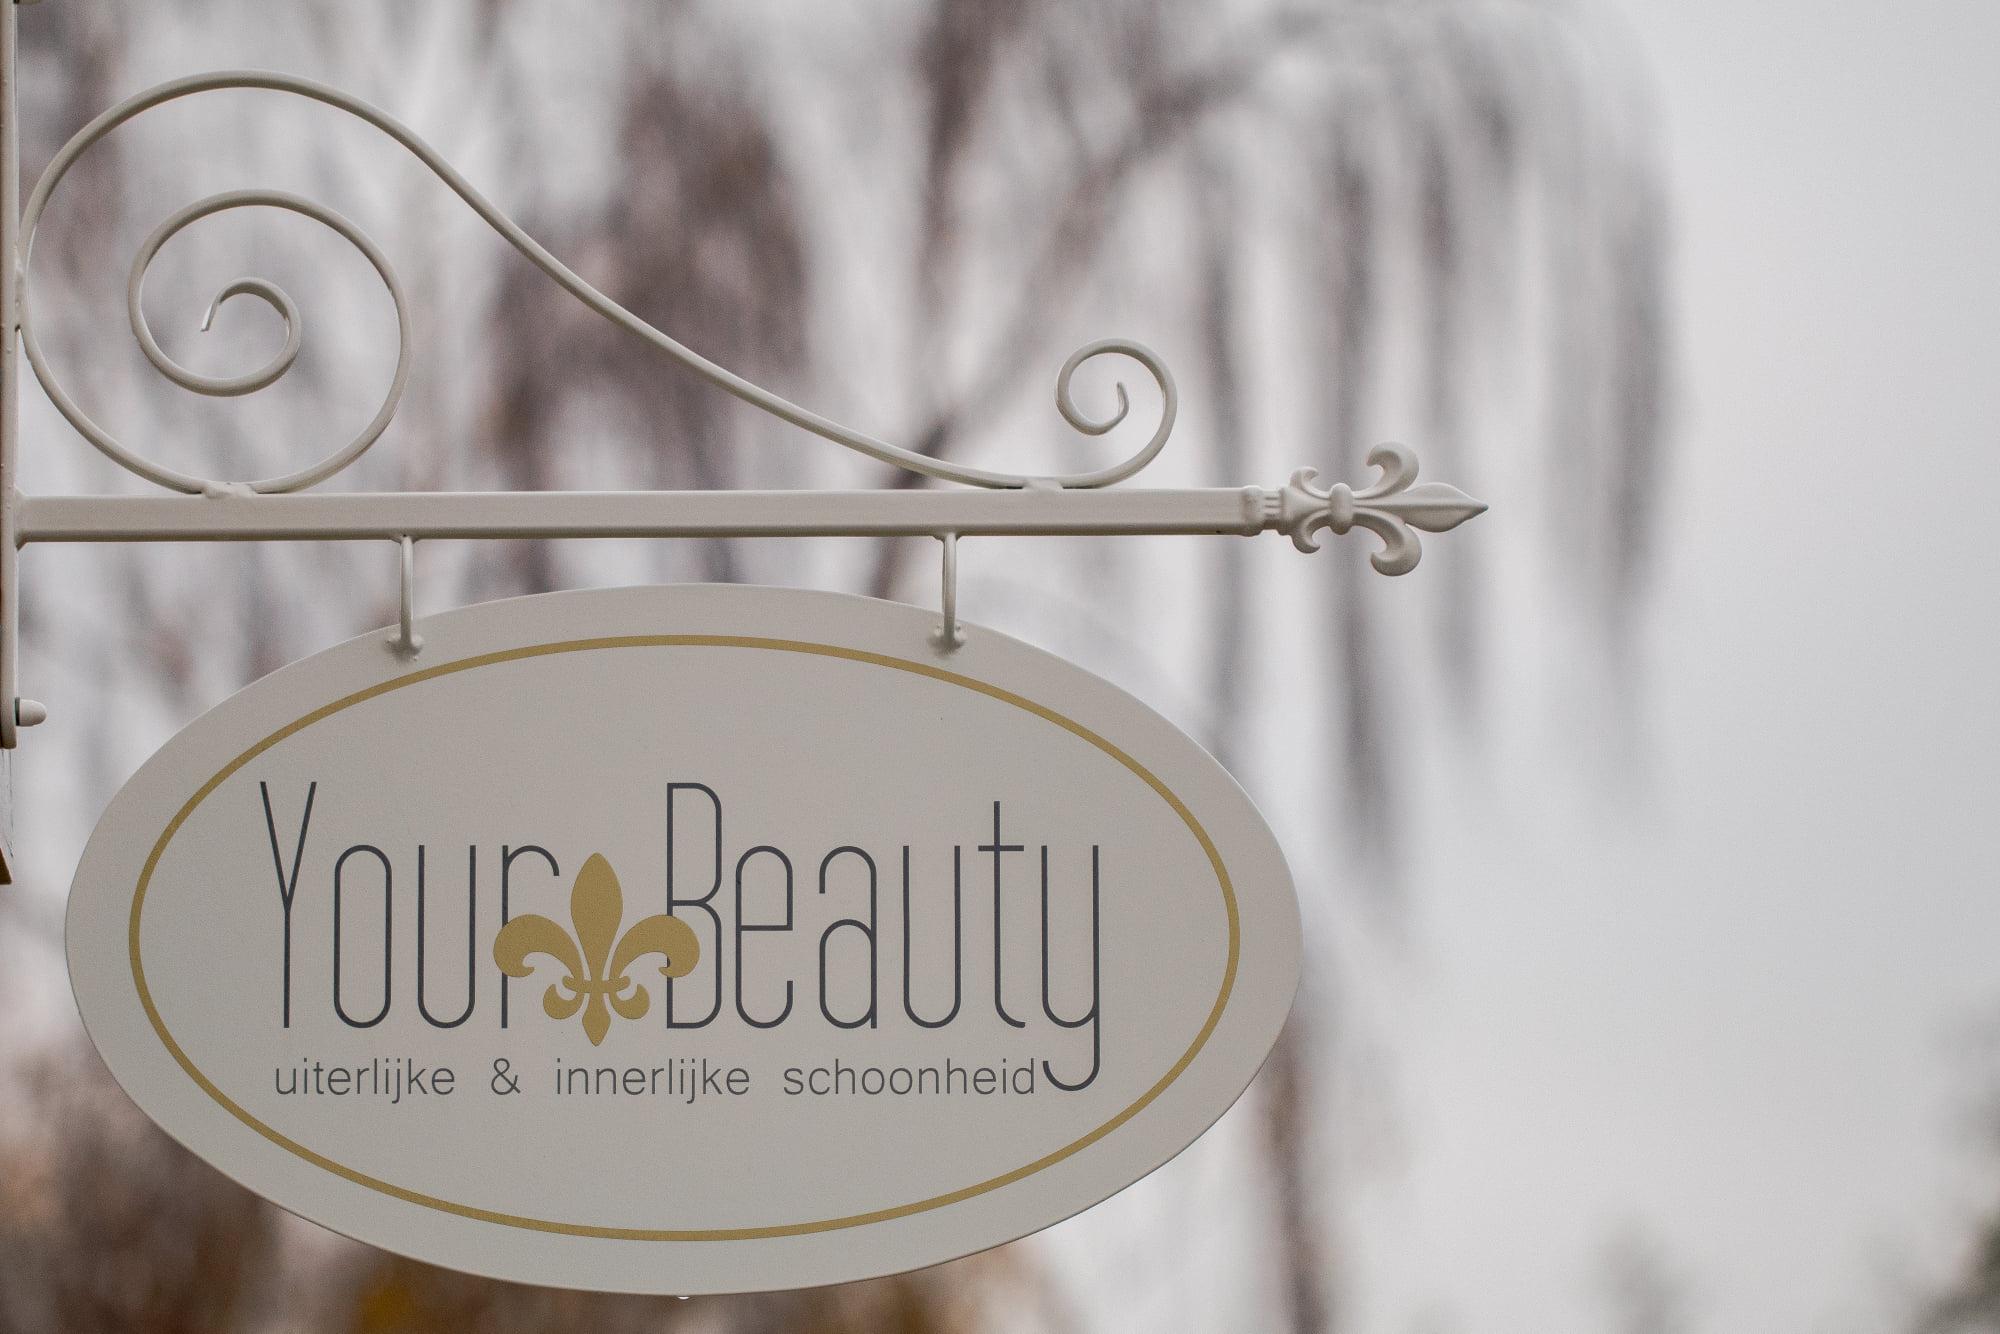 nanda wiersma schoonheidssalon your beauty steenwijk